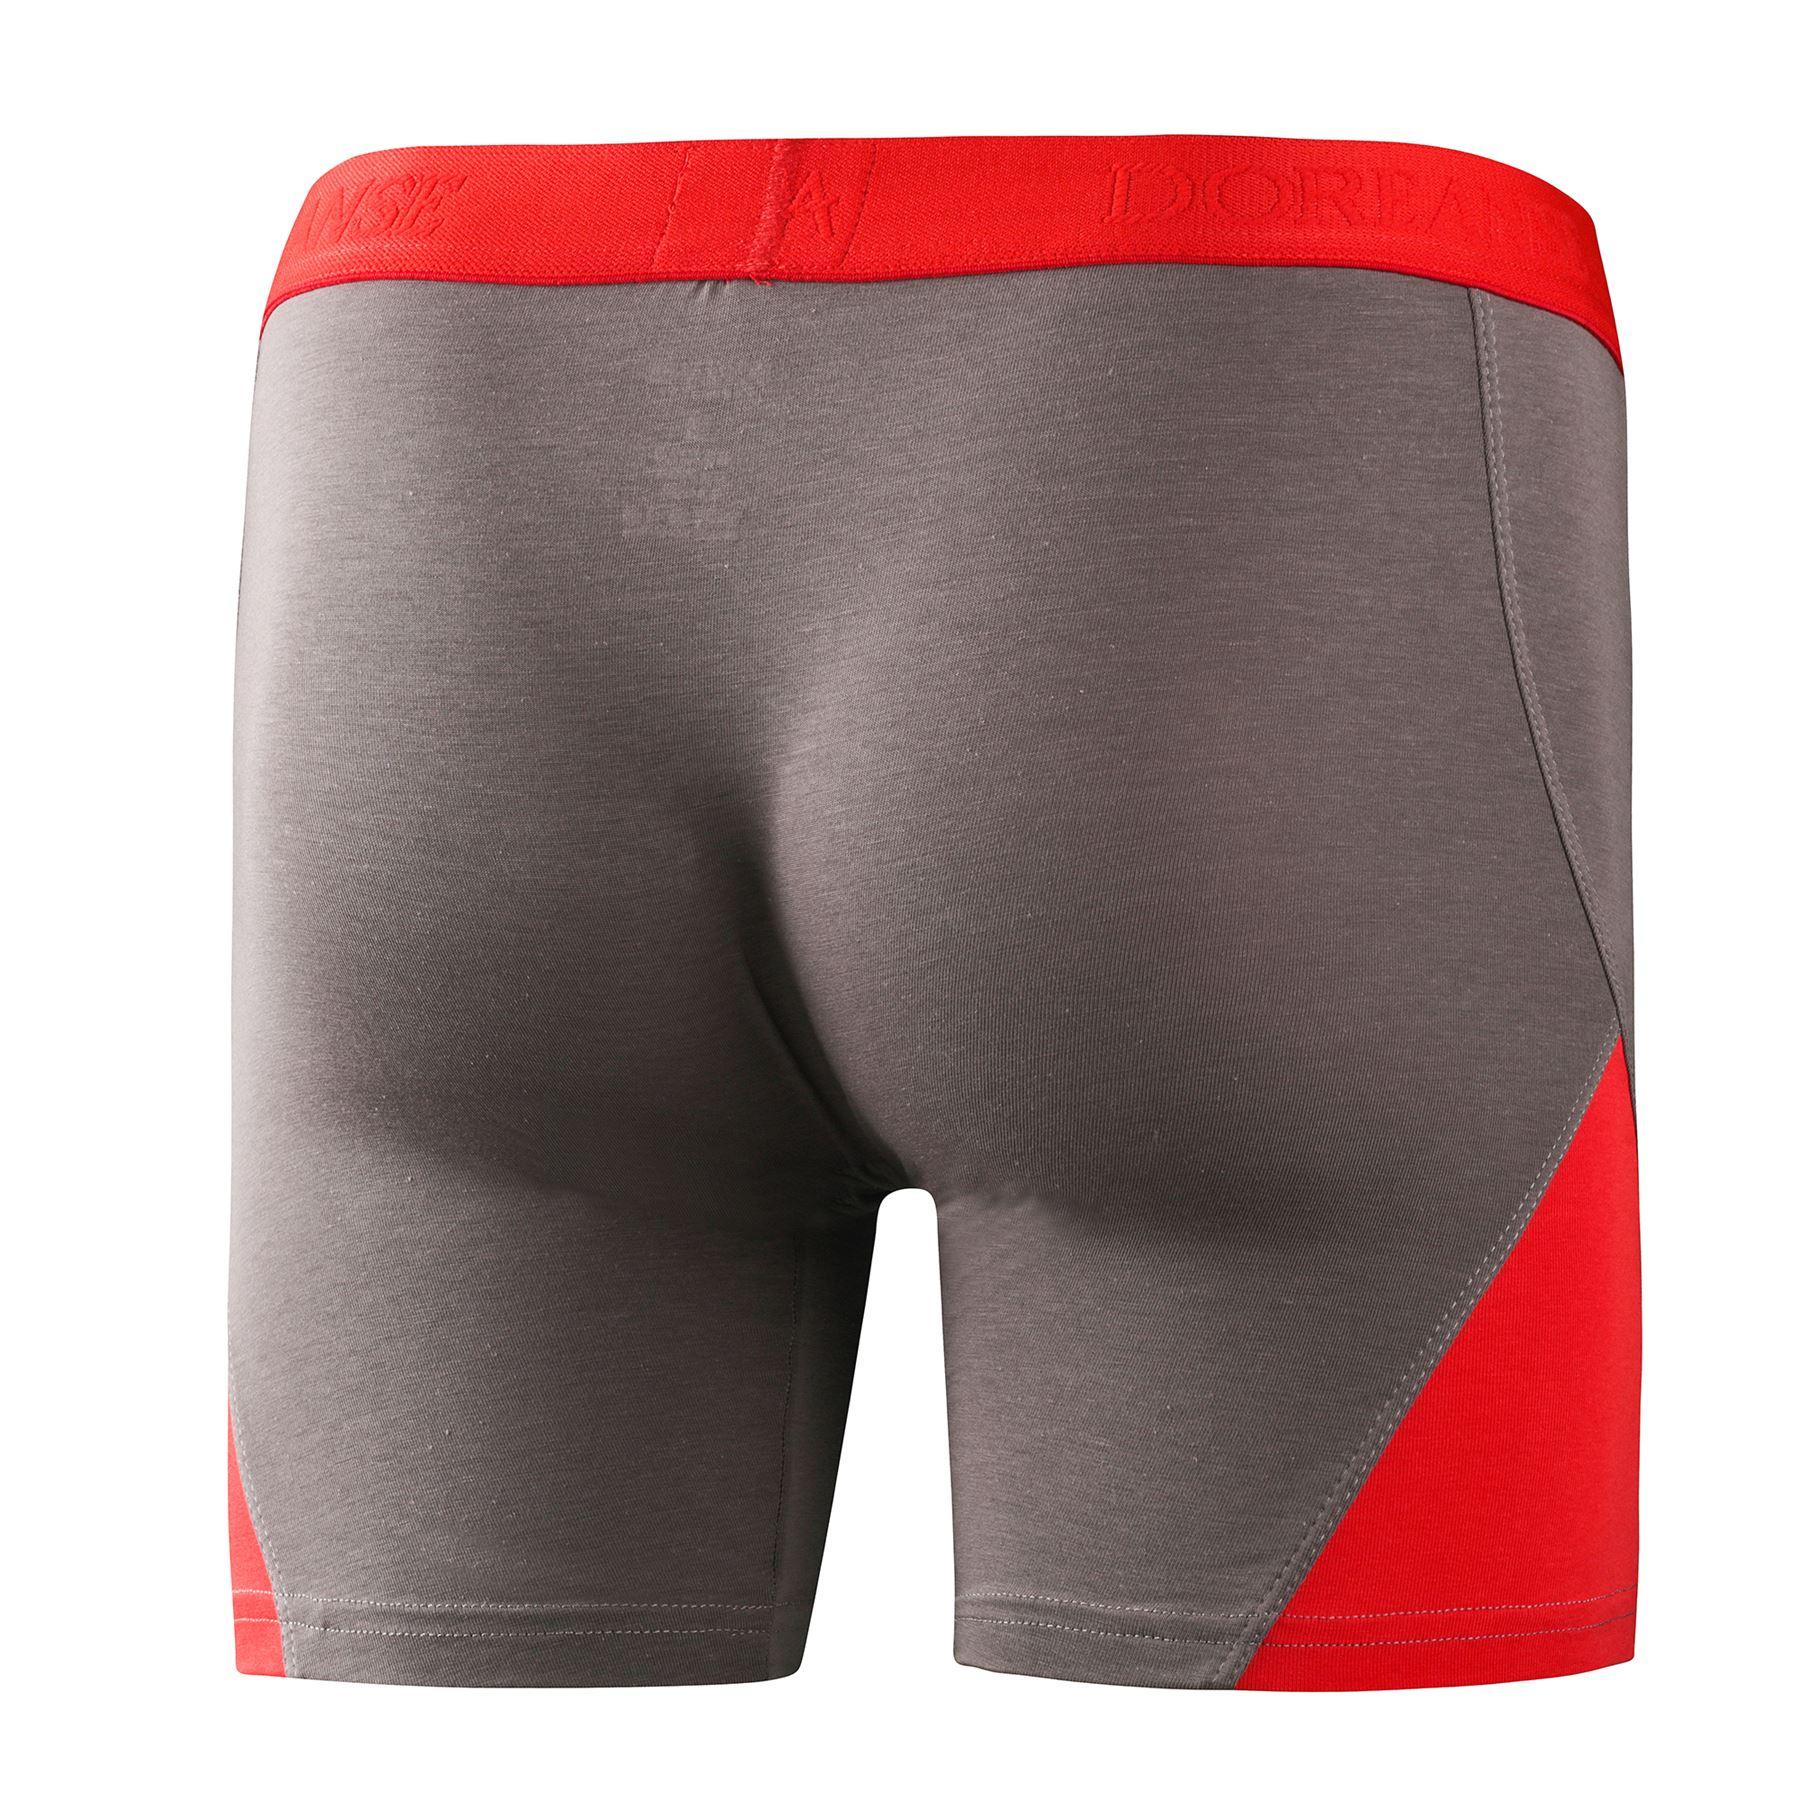 Doreanse 1754 Boxer Pantaloni Corti Trunk Biancheria Intima Designer Moda